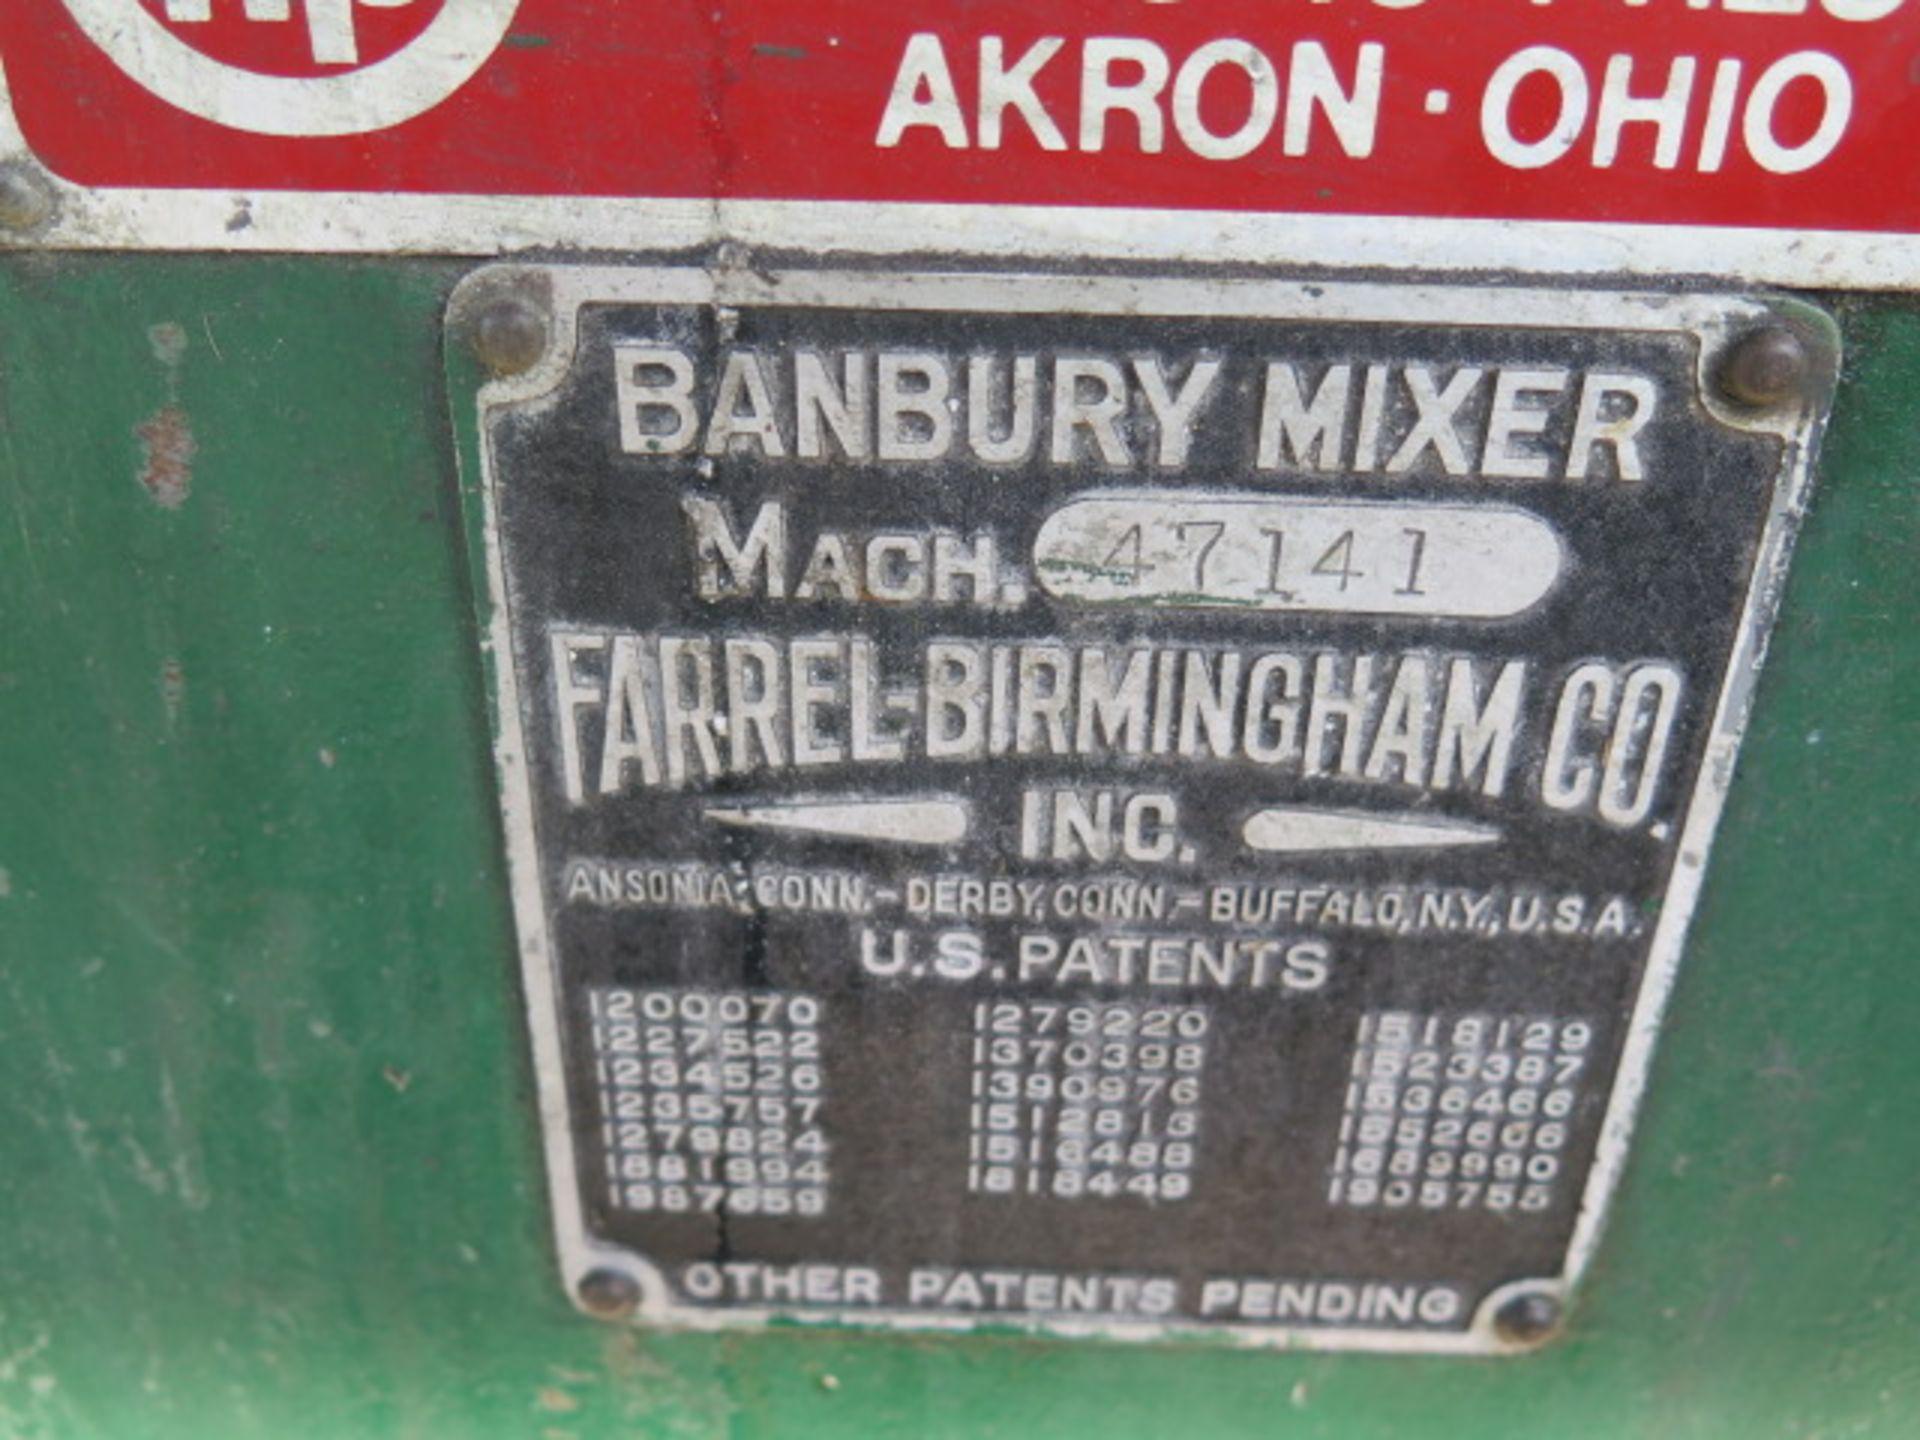 """Lot 152 - Farrel-Birmingham """"Banbury Mixer"""" Rubber Mixer s/n 47141"""